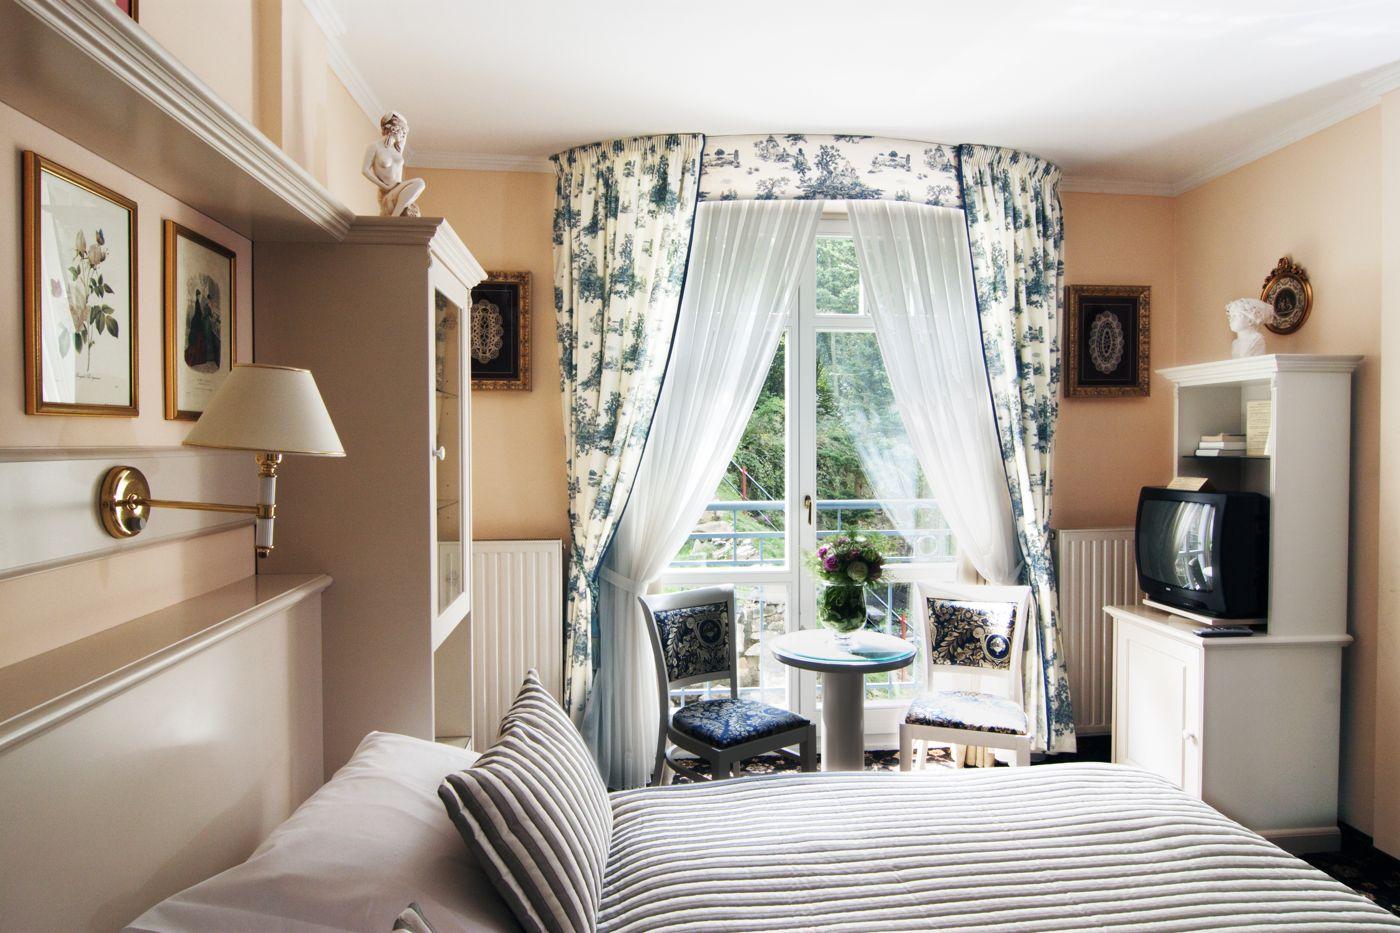 Lázeňský hotel Aura Palace – luxusní ubytování, třílůžkový pokoj